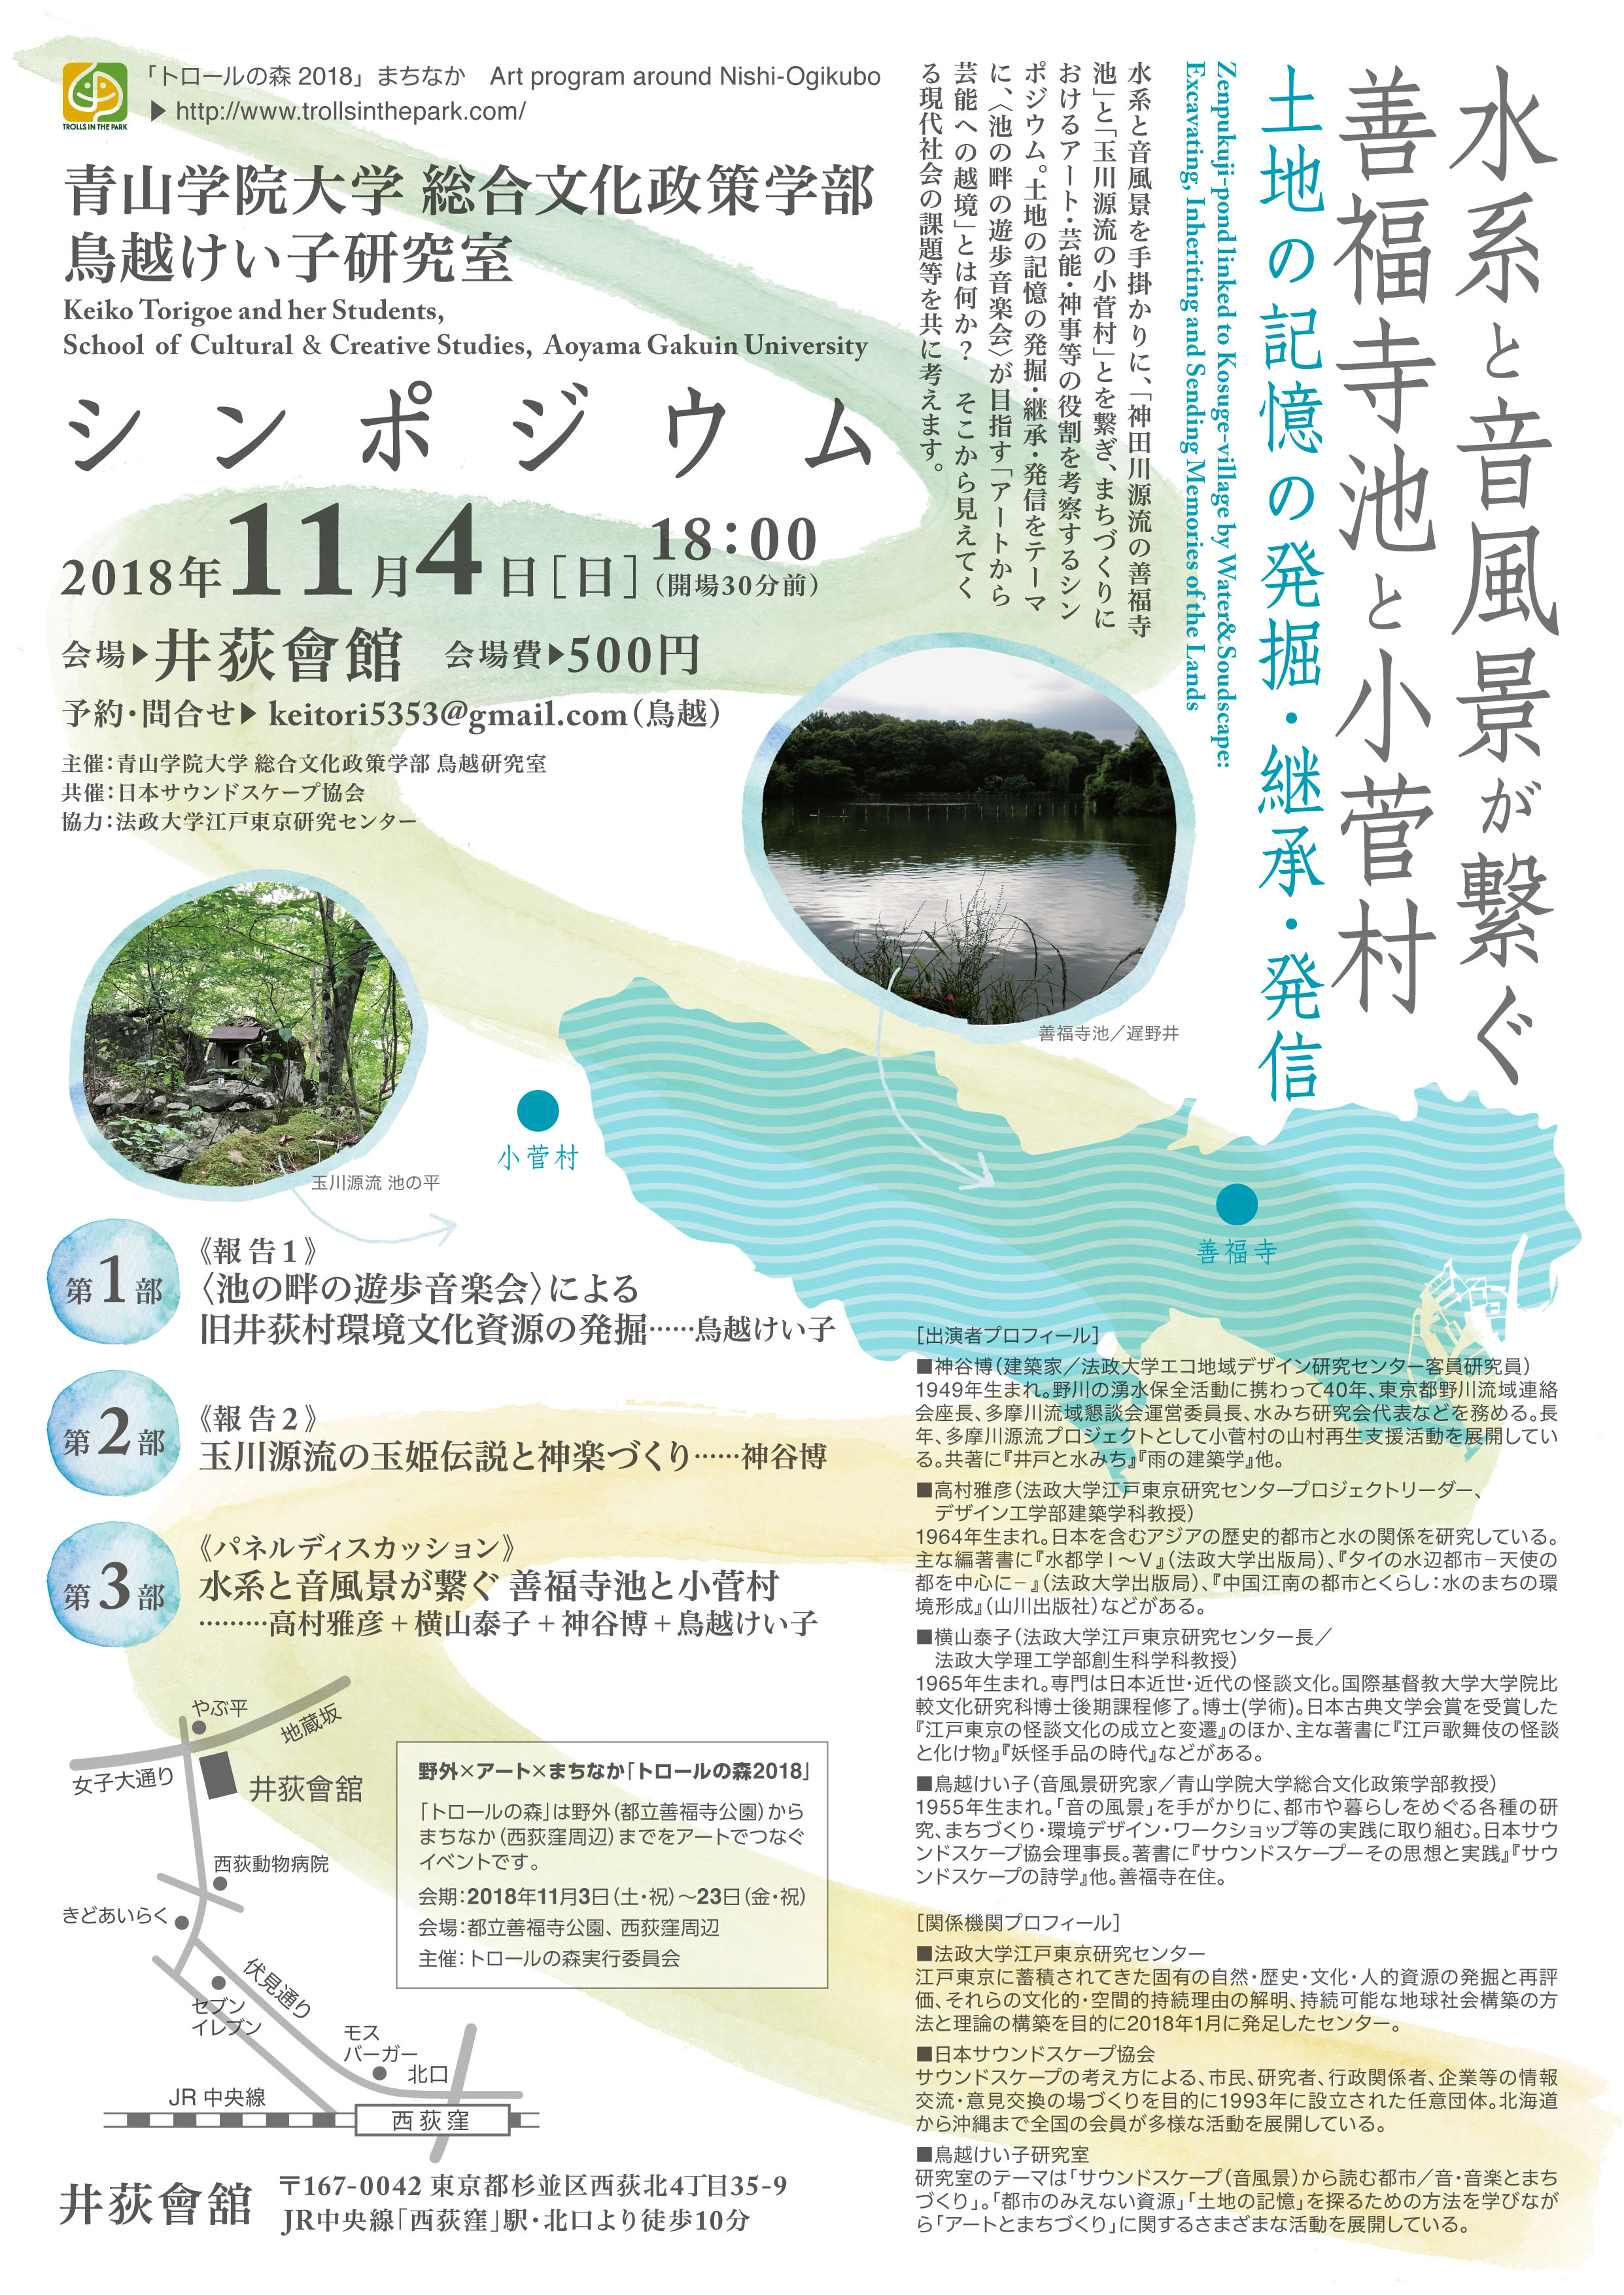 【関連イベントのお知らせです】シンポジウム「水系と音風景が繋ぐ 善福寺池と小菅村~土地の記憶を発掘・継承・発信~」を開催いたします(2018年11月4日)